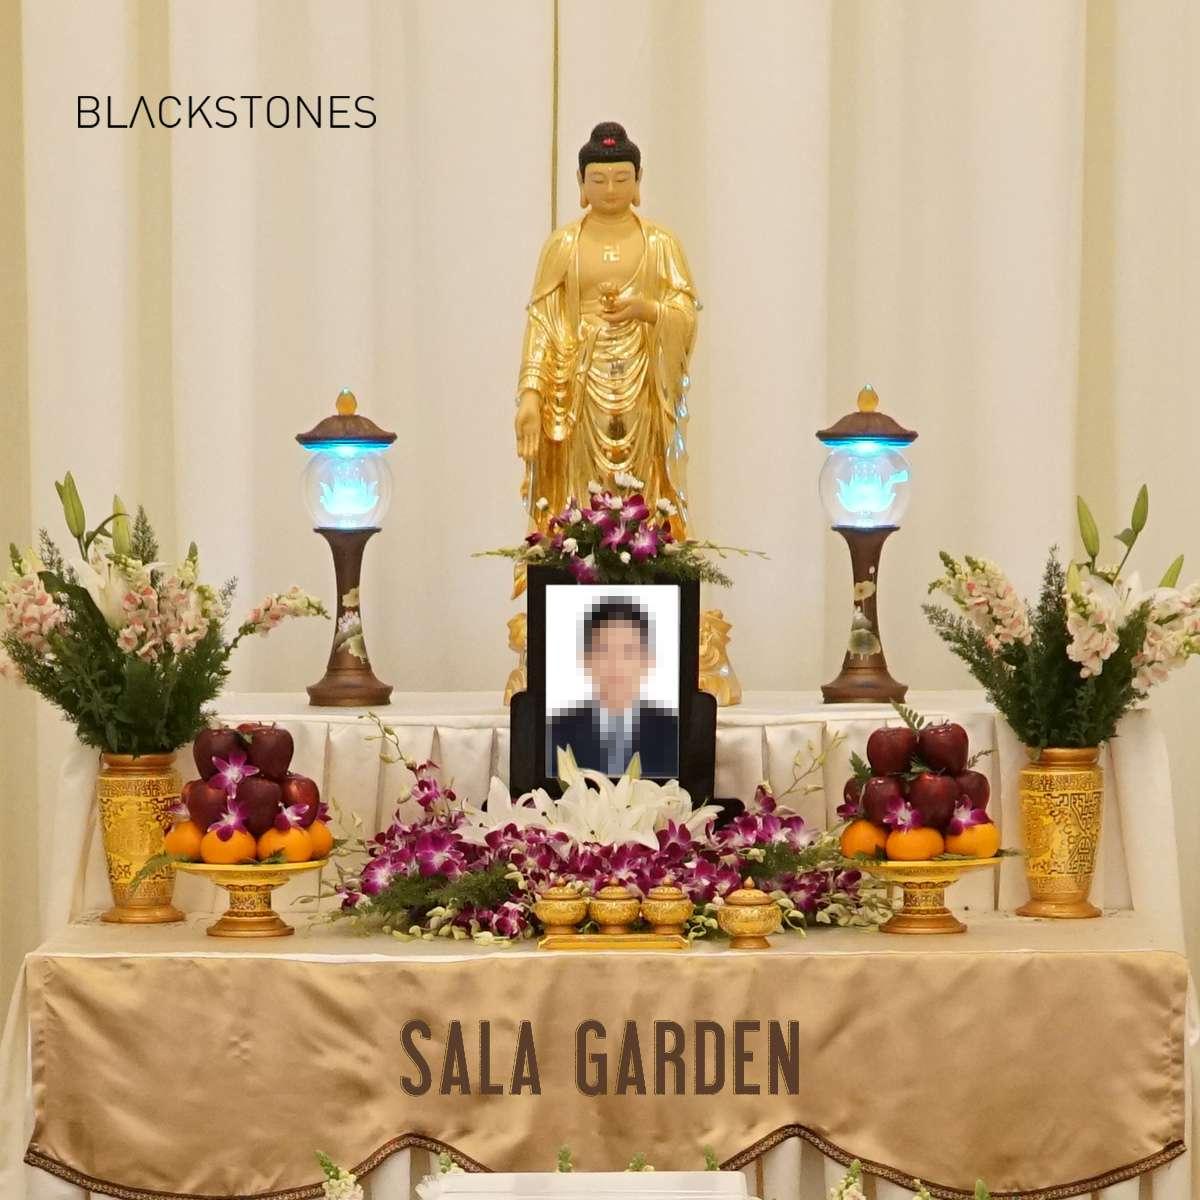 Gói an táng tại Sala Garden